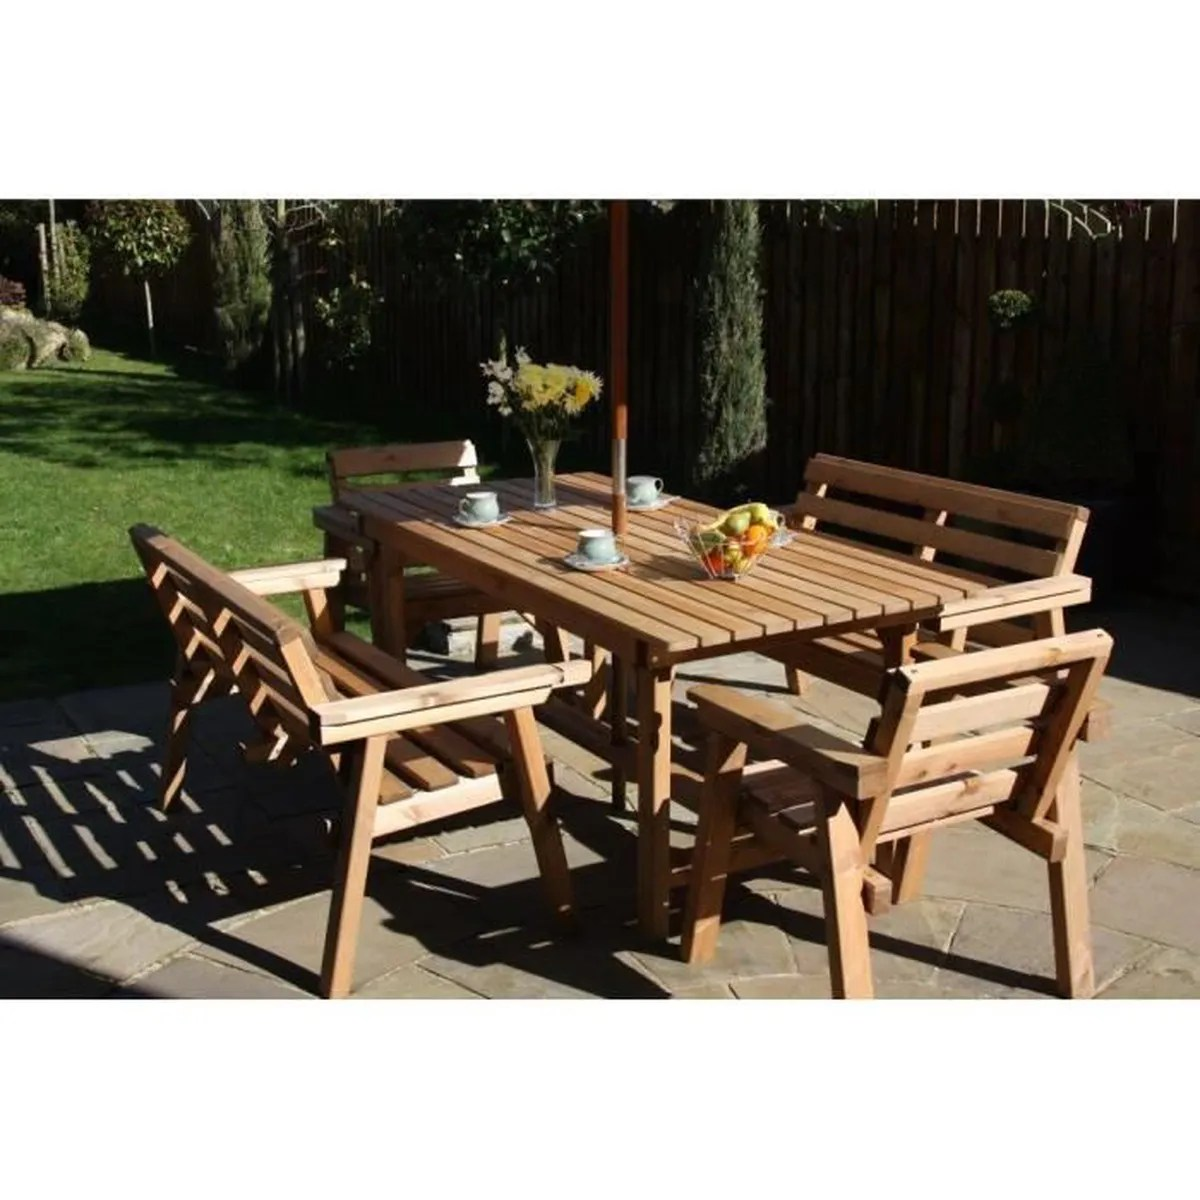 ensemble patio jardin meubles 6ft table 2 banc 2 chaises en bois massif